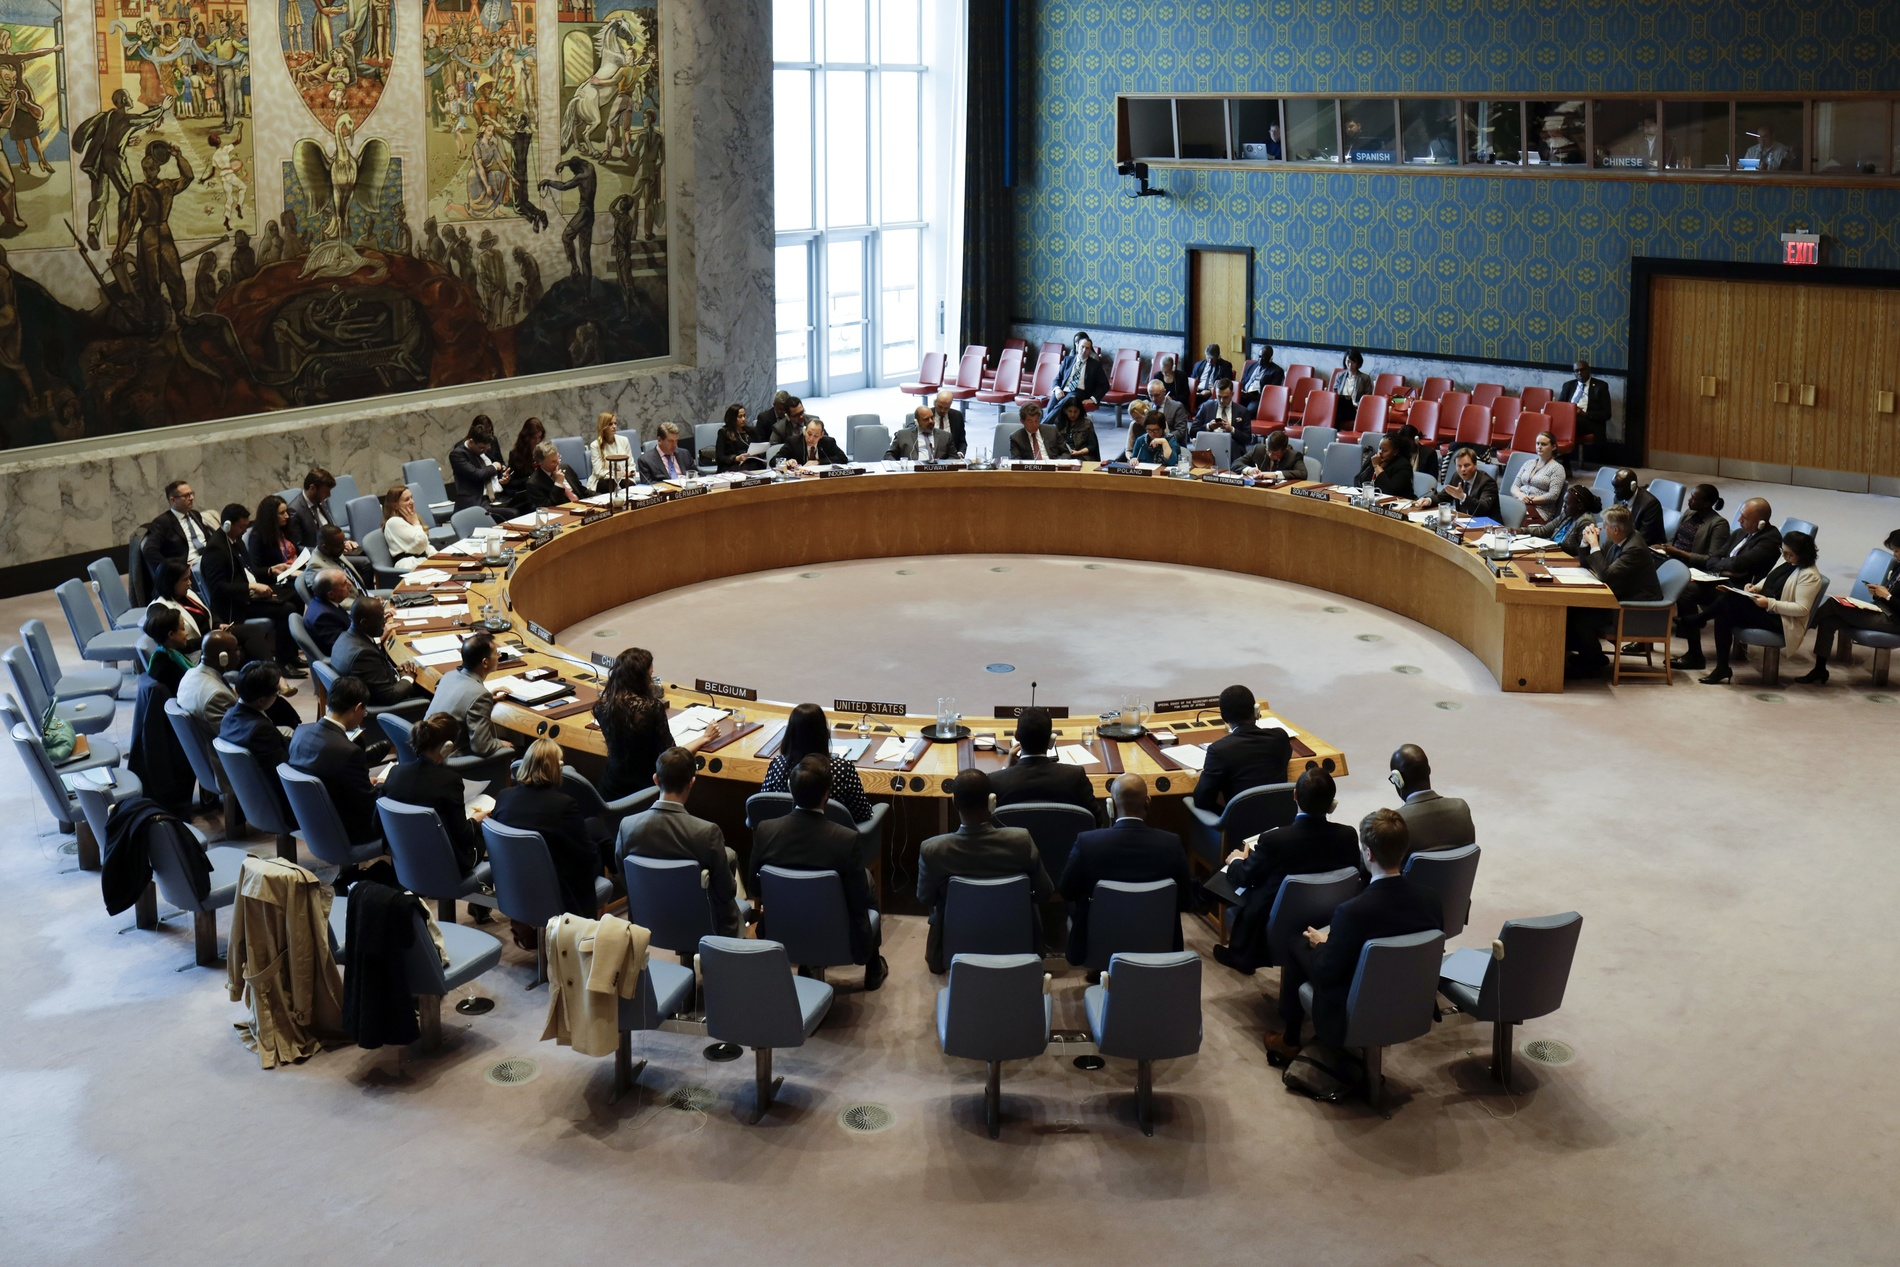 Le Conseil de sécurité des Nations unies se réunit à New York.